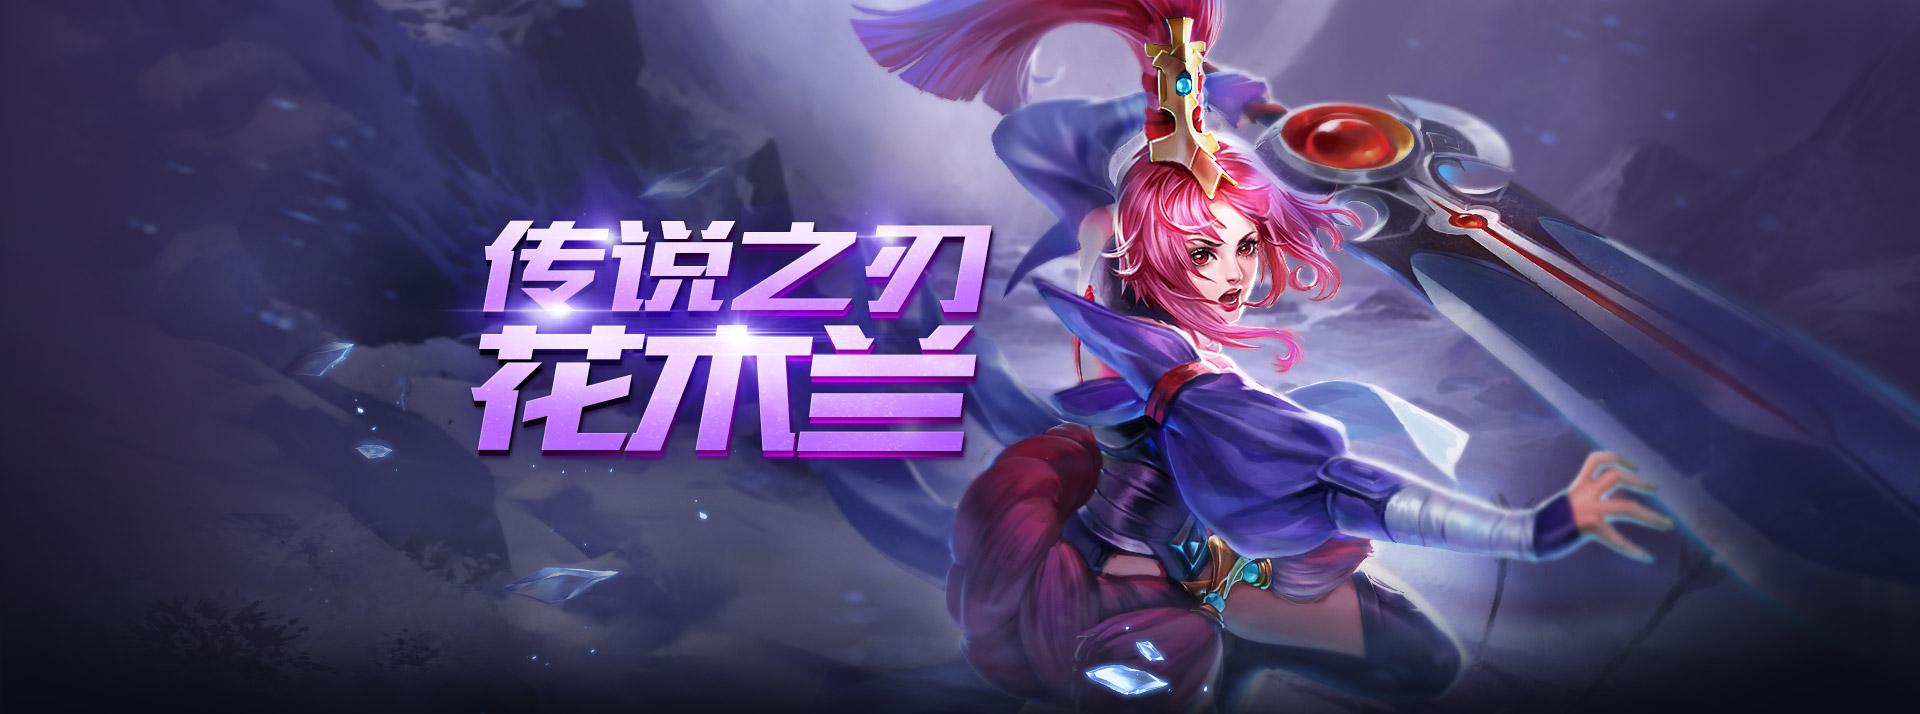 第2弹《王者荣耀英雄皮肤CG》竞技游戏145